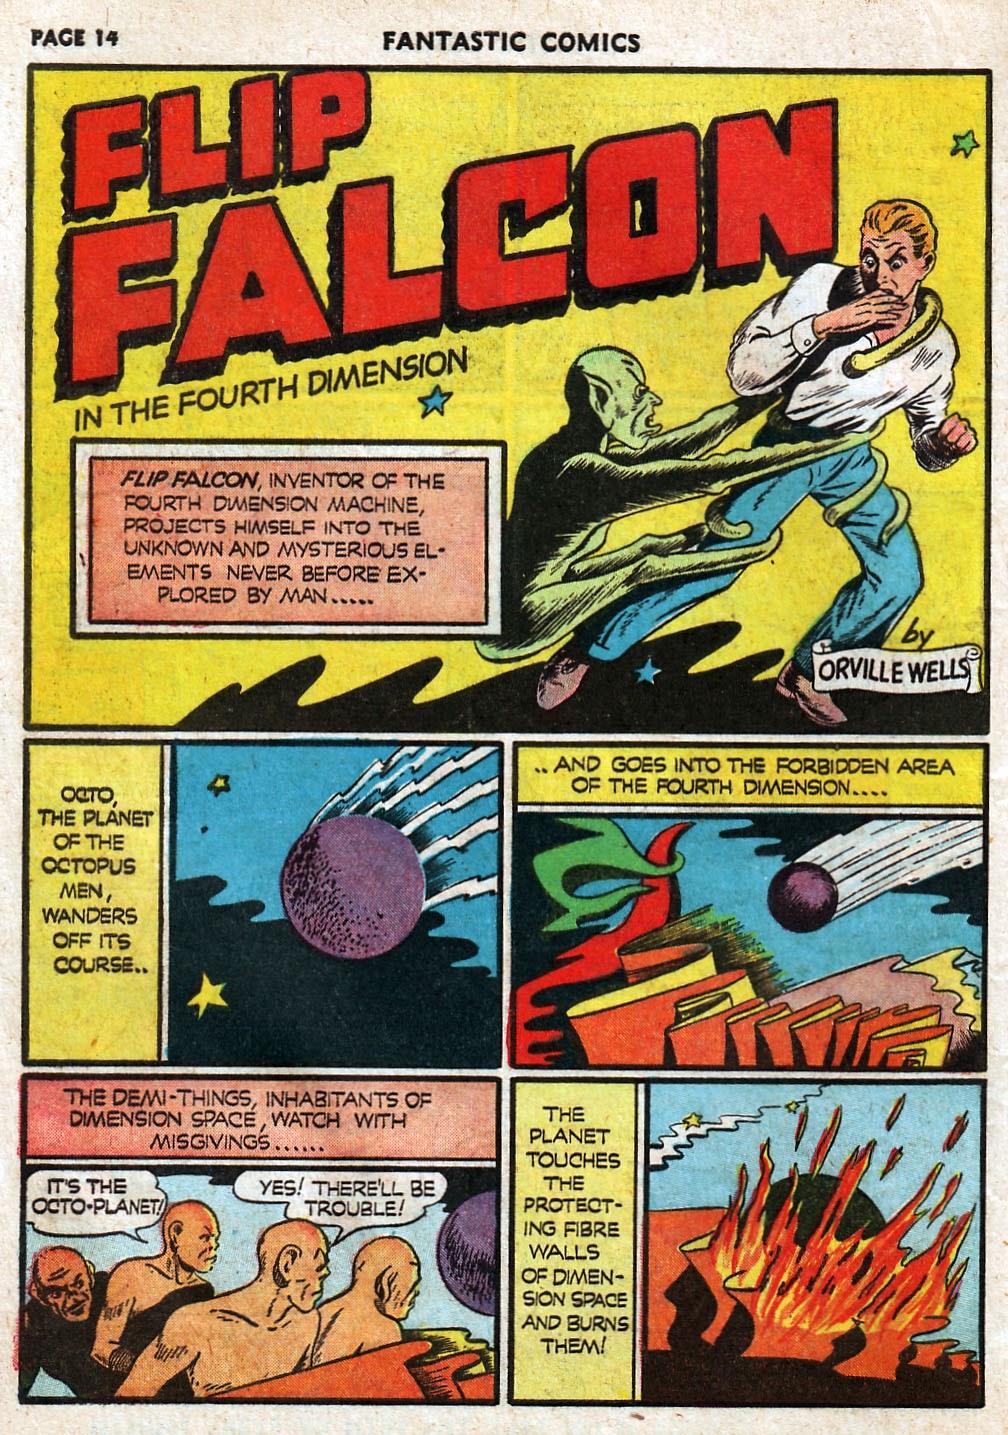 Read online Fantastic Comics comic -  Issue #17 - 16